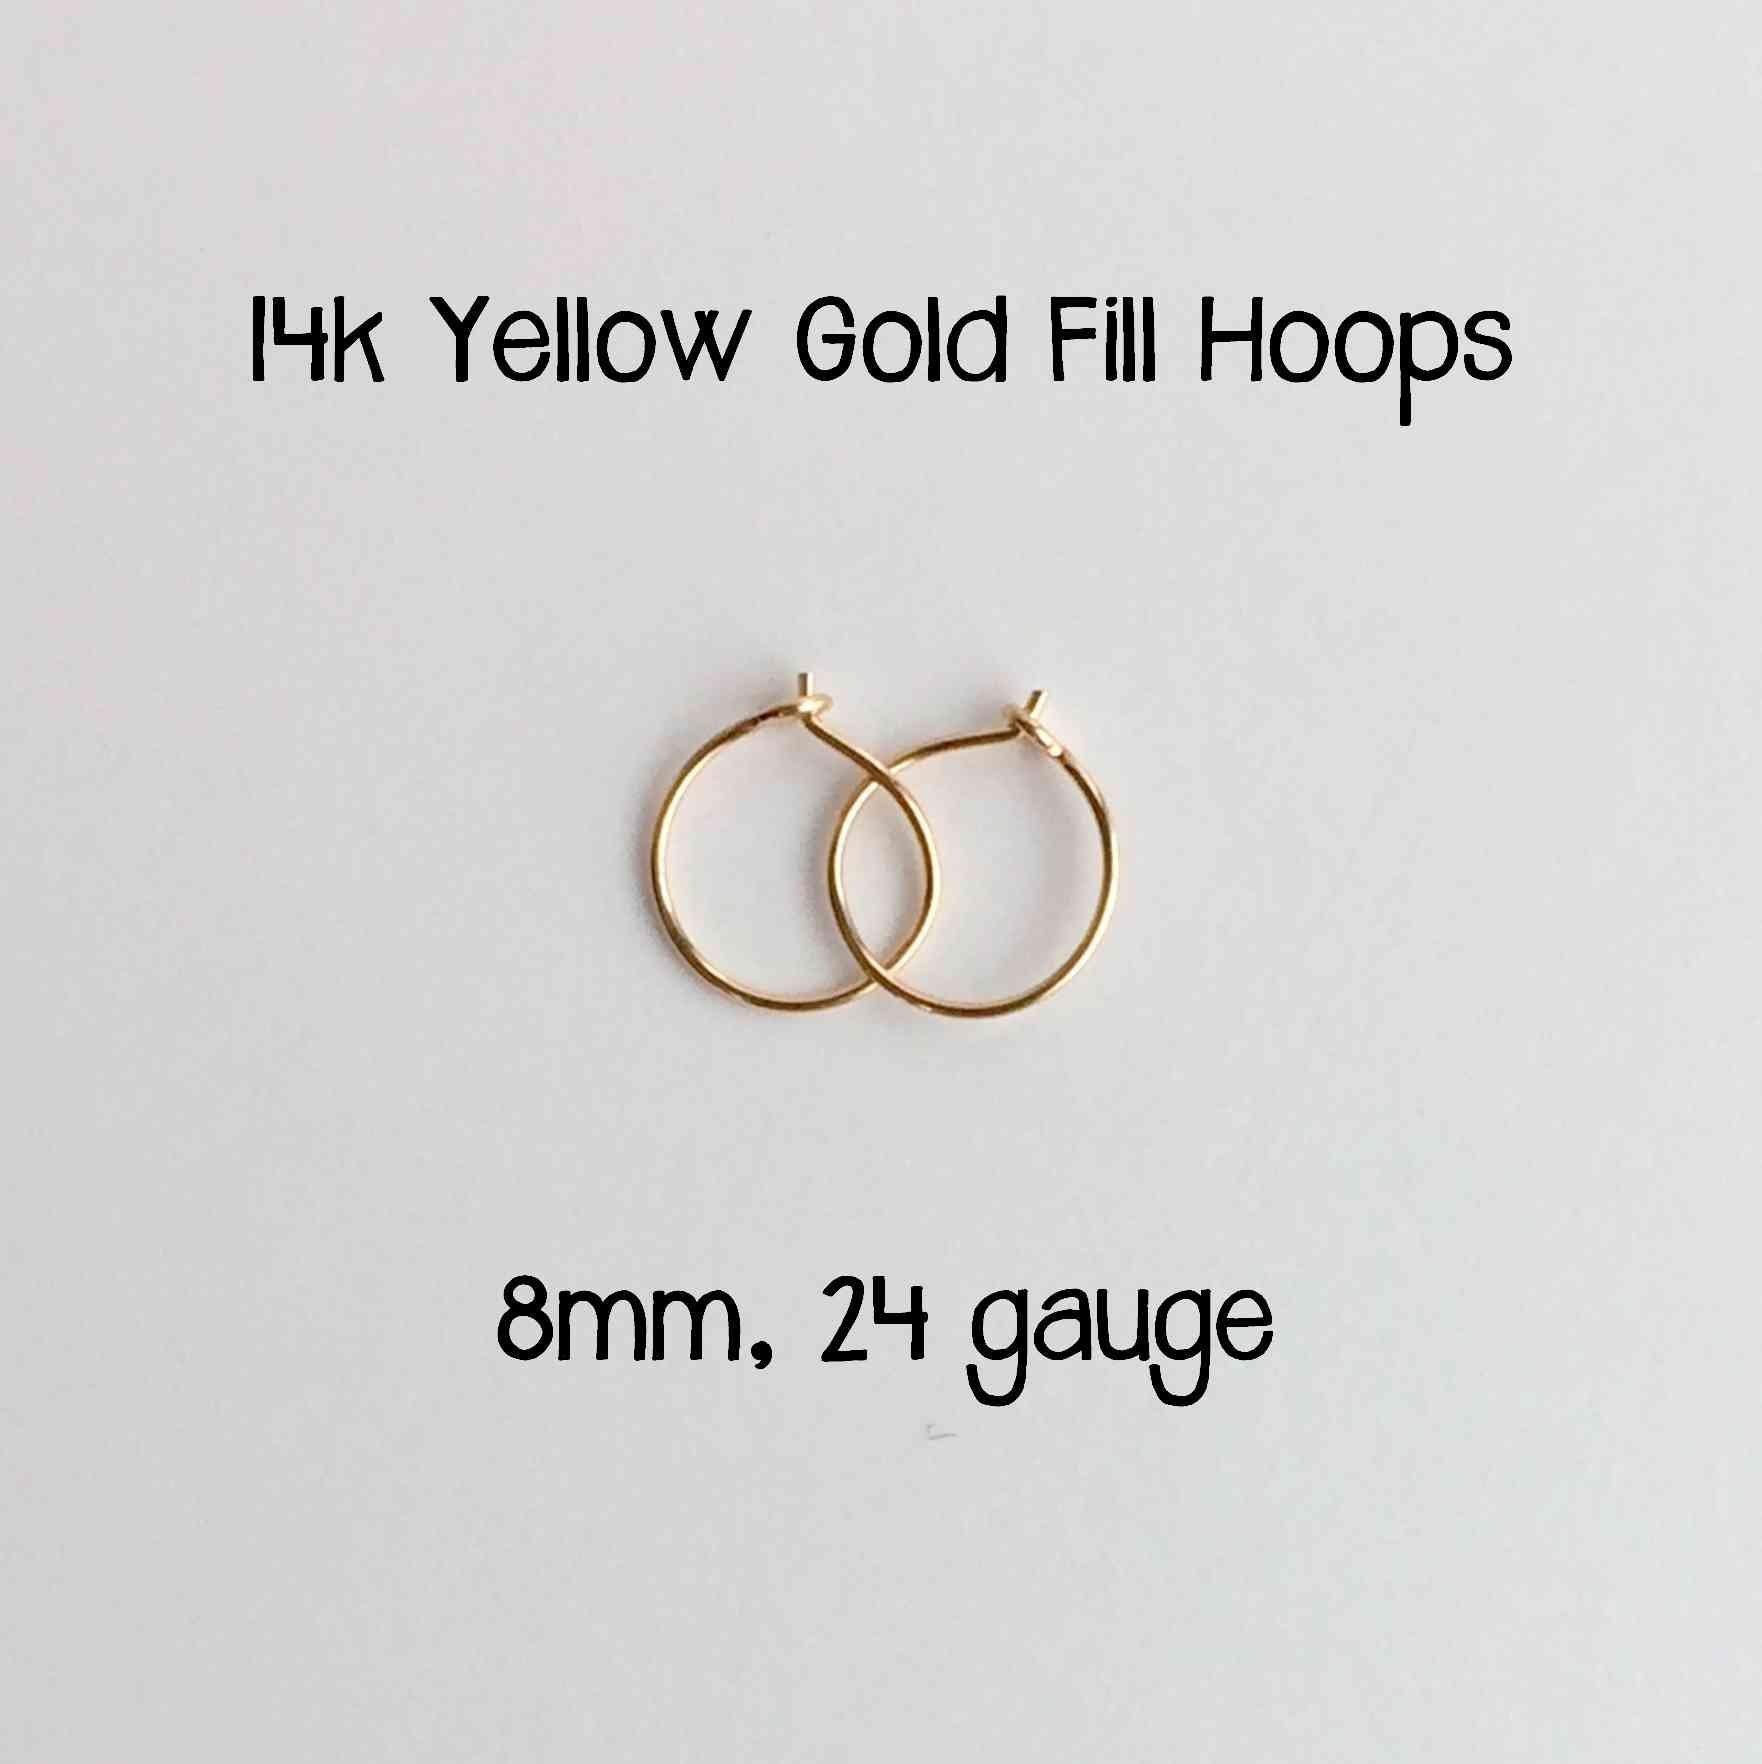 Everyday Hoop Earrings 14k Yellow Gold Fill 8mm, 24 gauge. Handmade Extra Thin Hoop Earrings